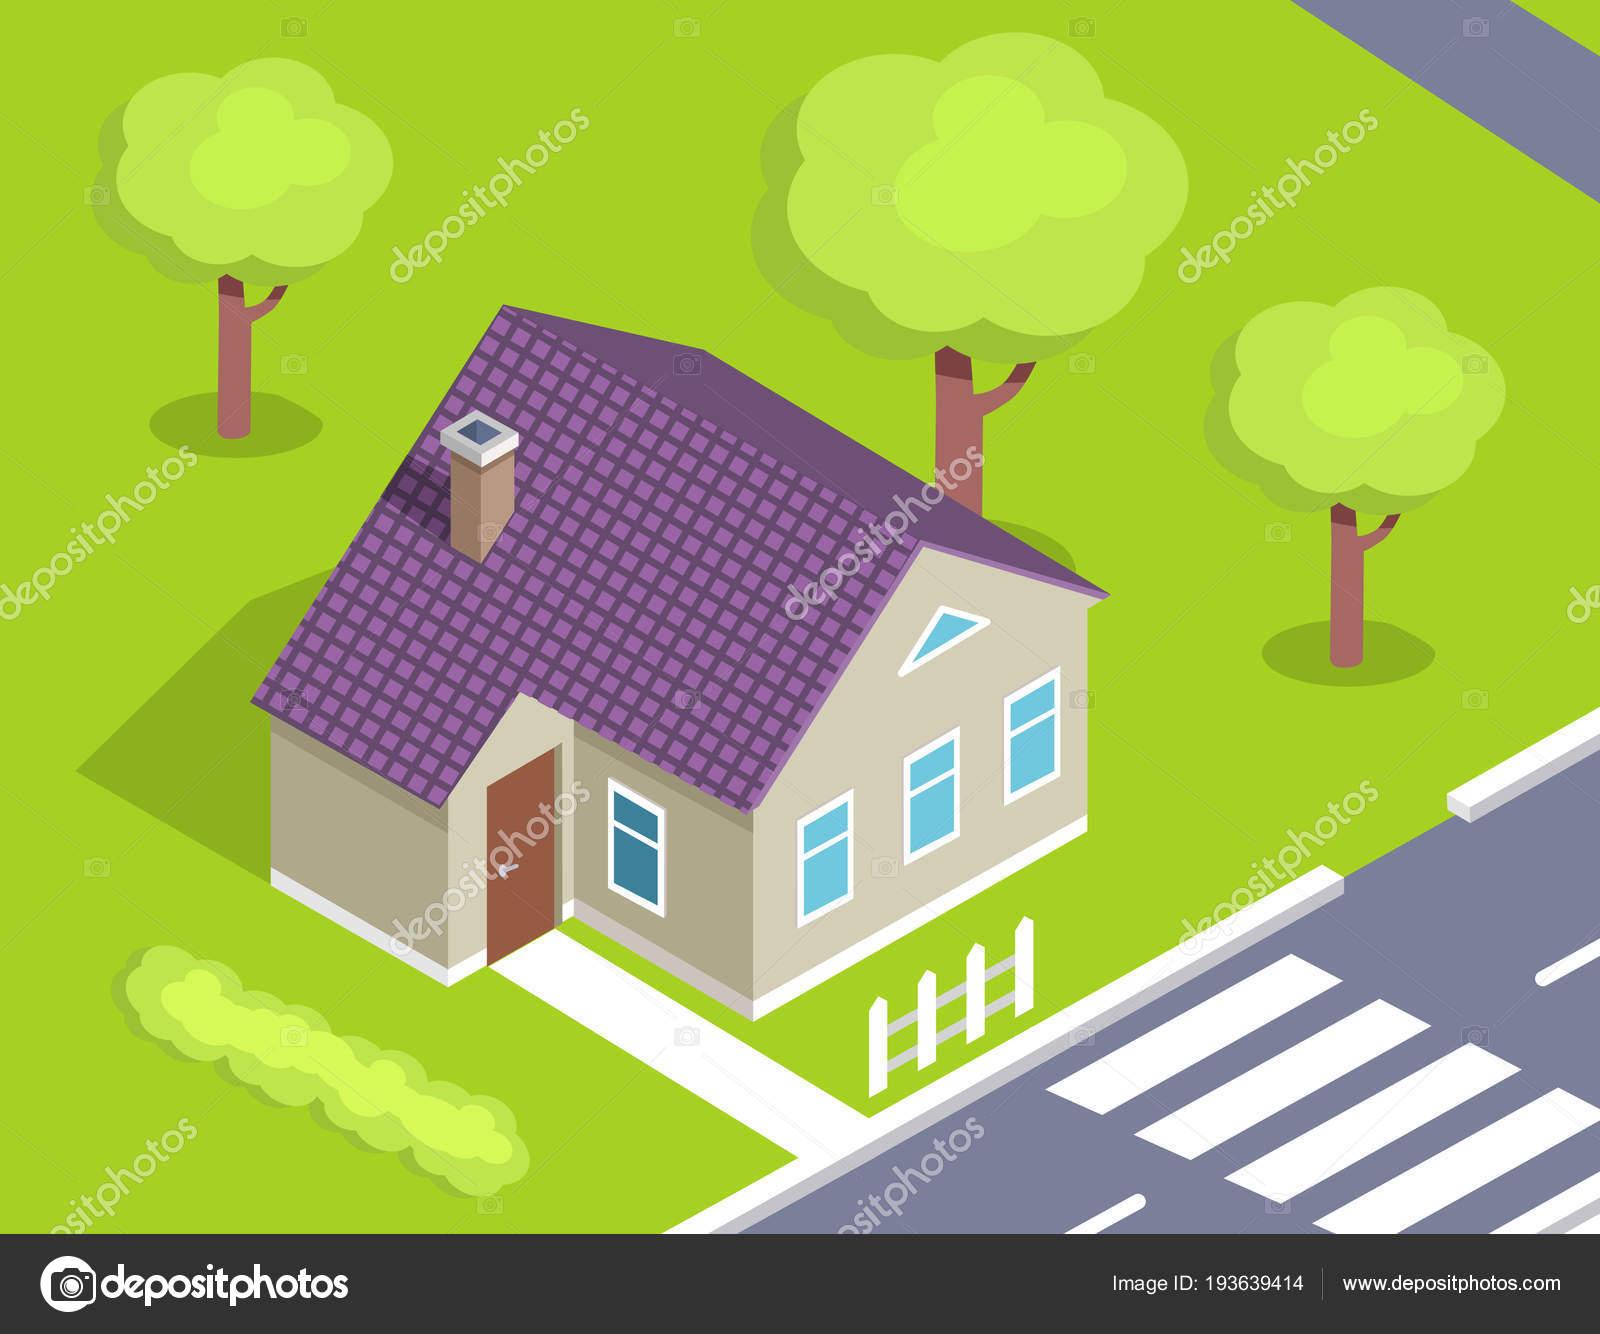 La casa del lado izquierdo